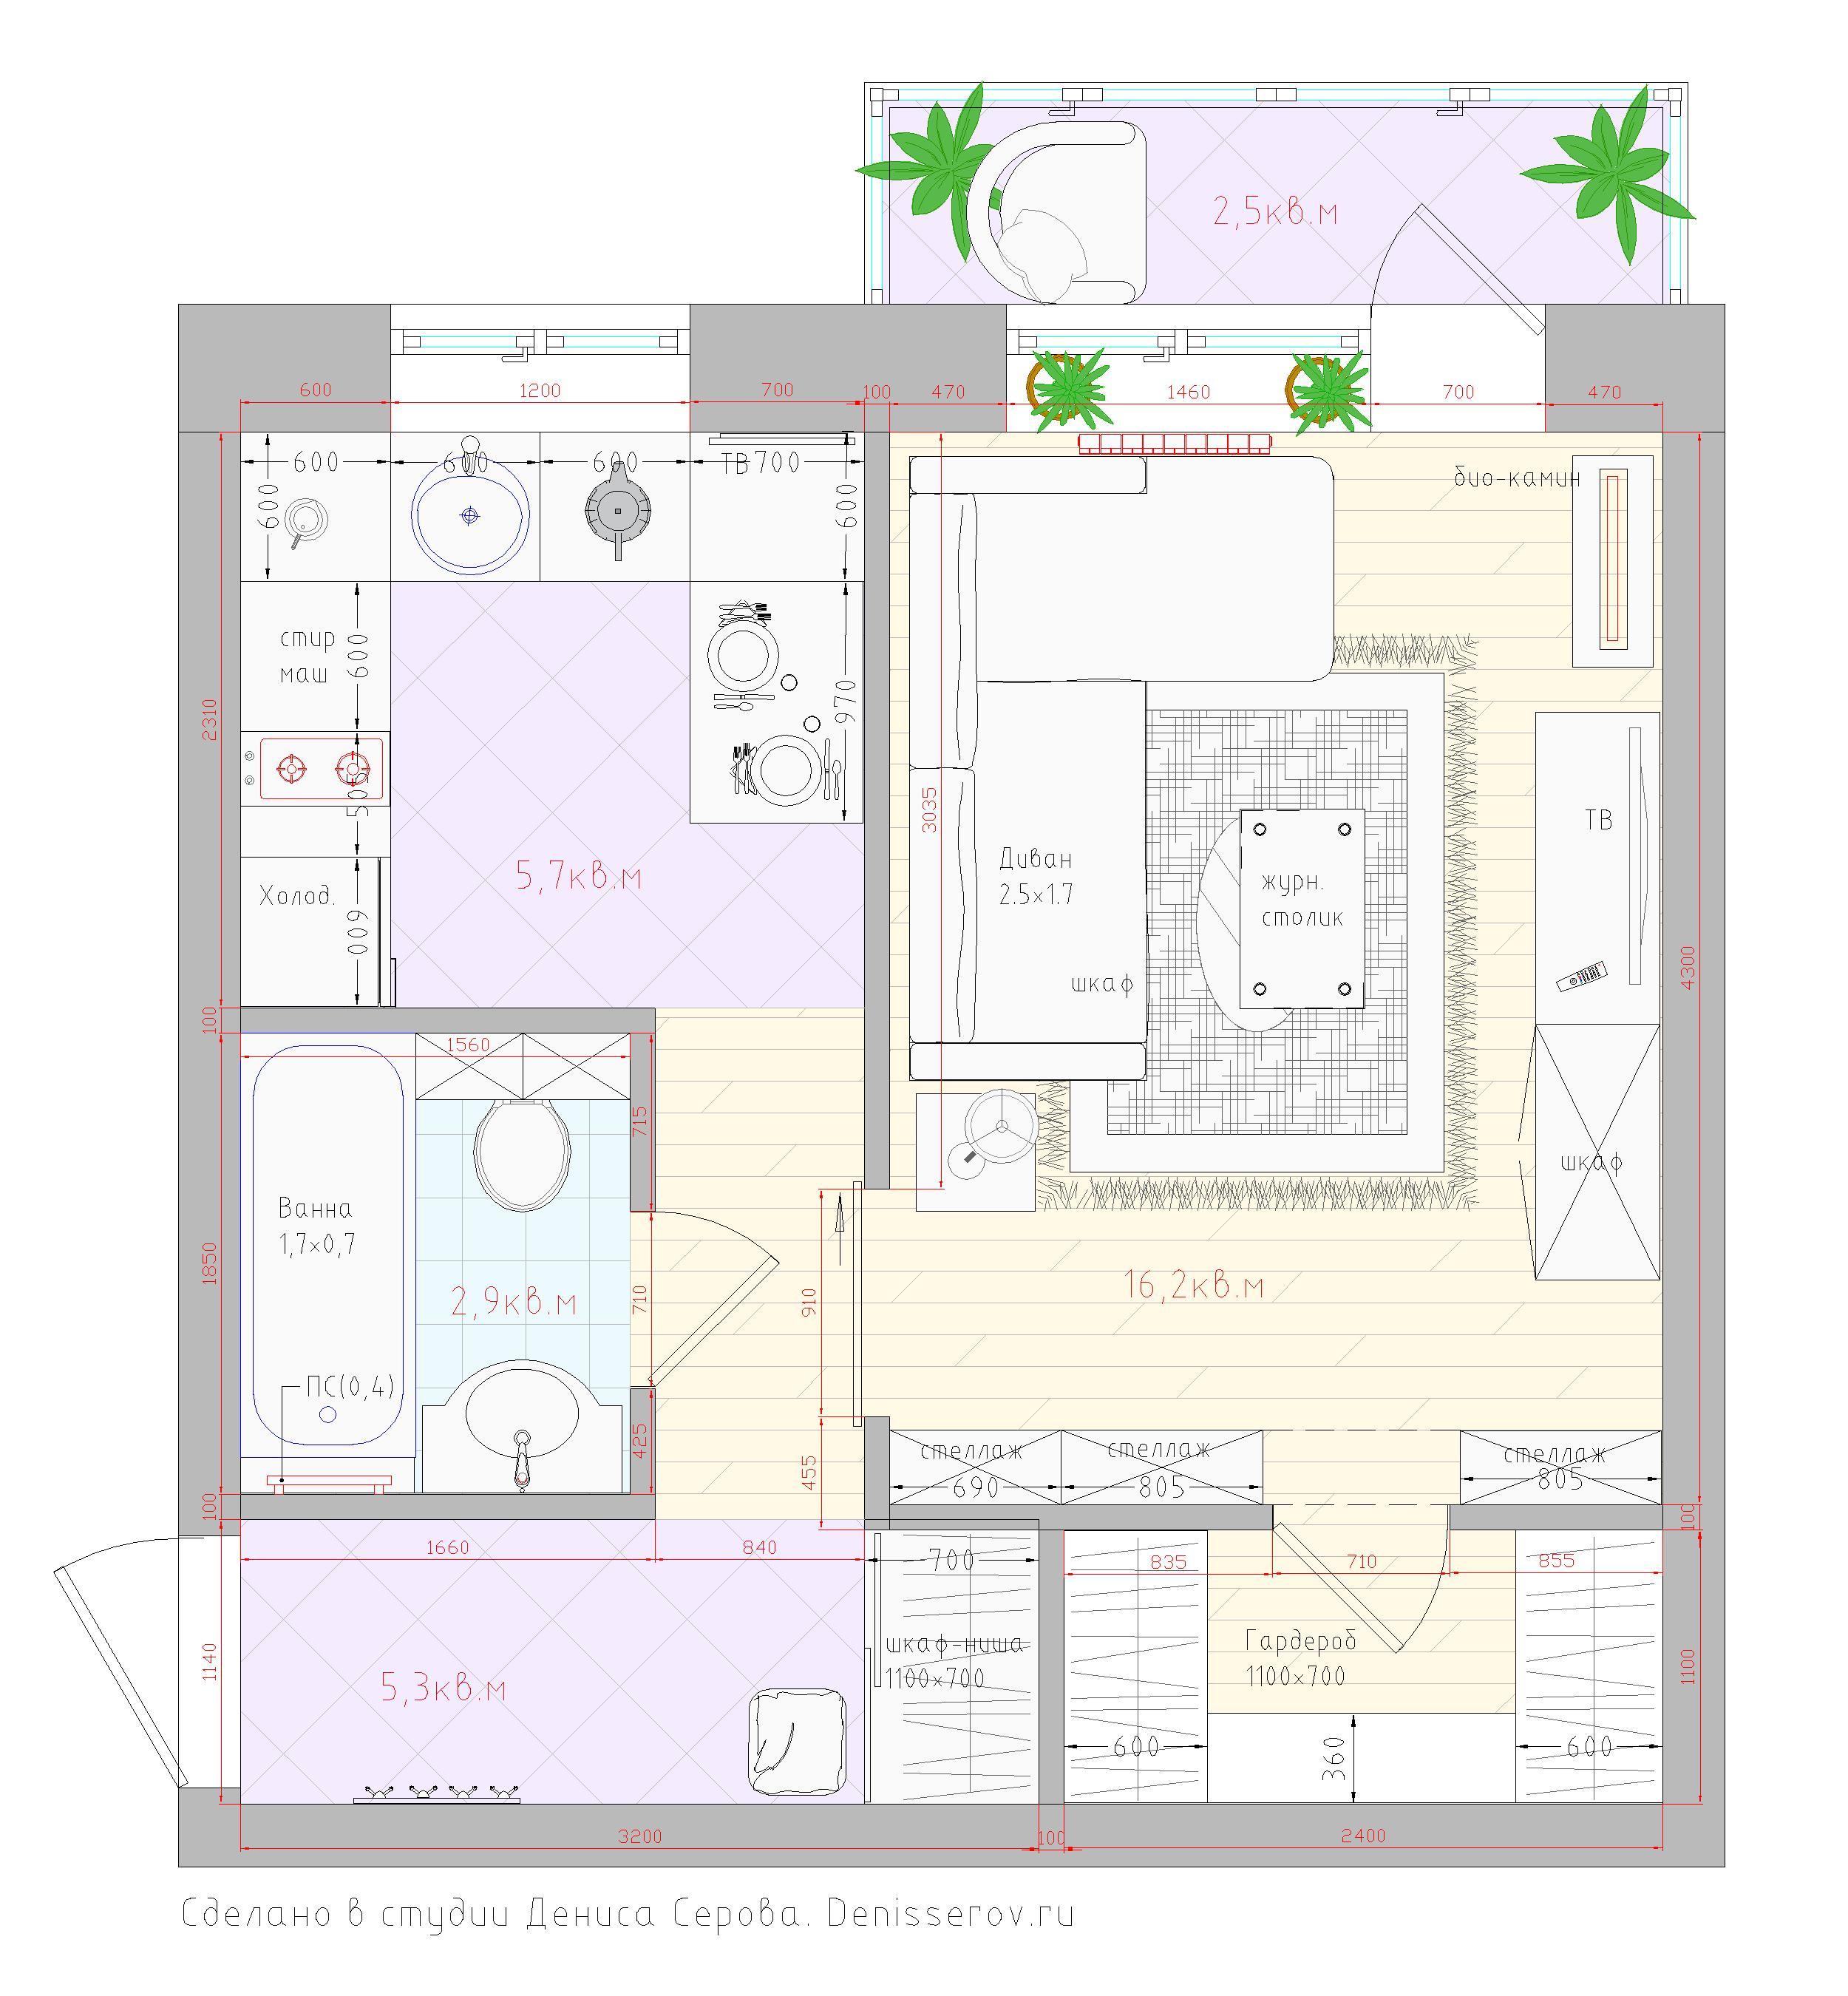 Планировки квартир дома серии II-49, примеры перепланировок